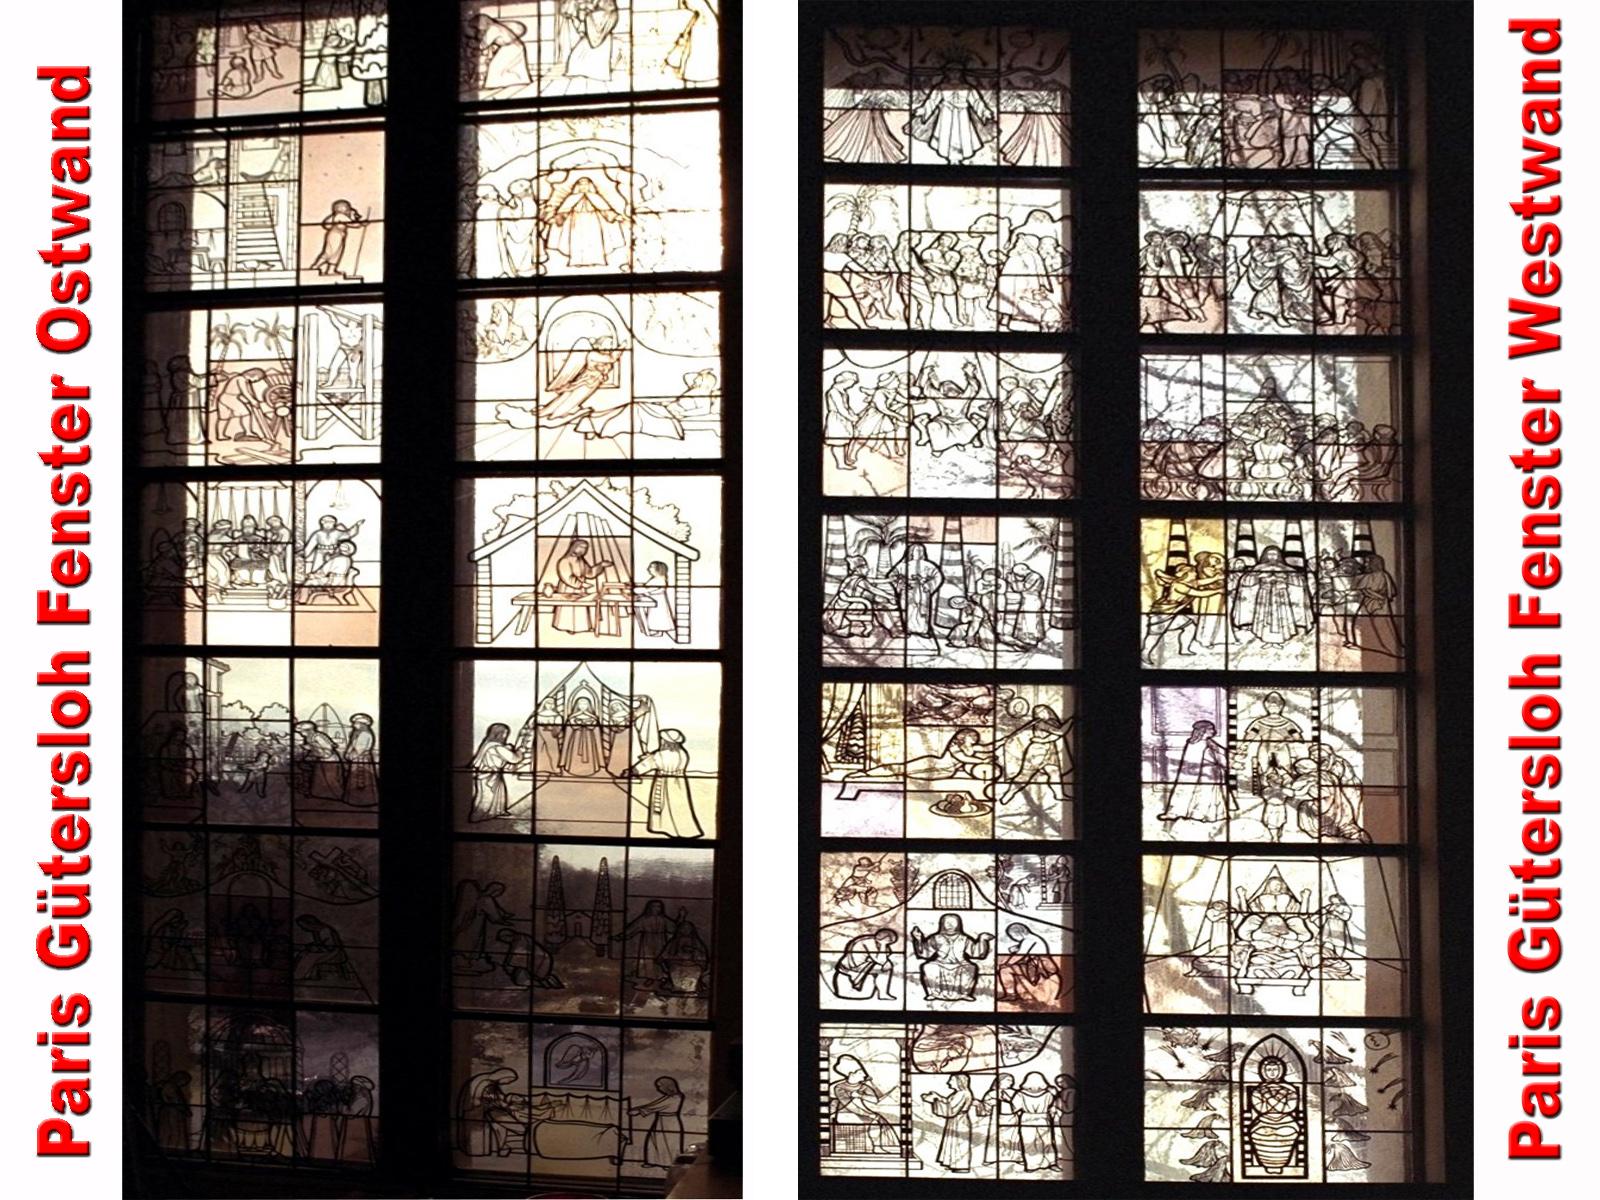 Glasfenster von Paris Gütersloh, links und rechts vom Altar